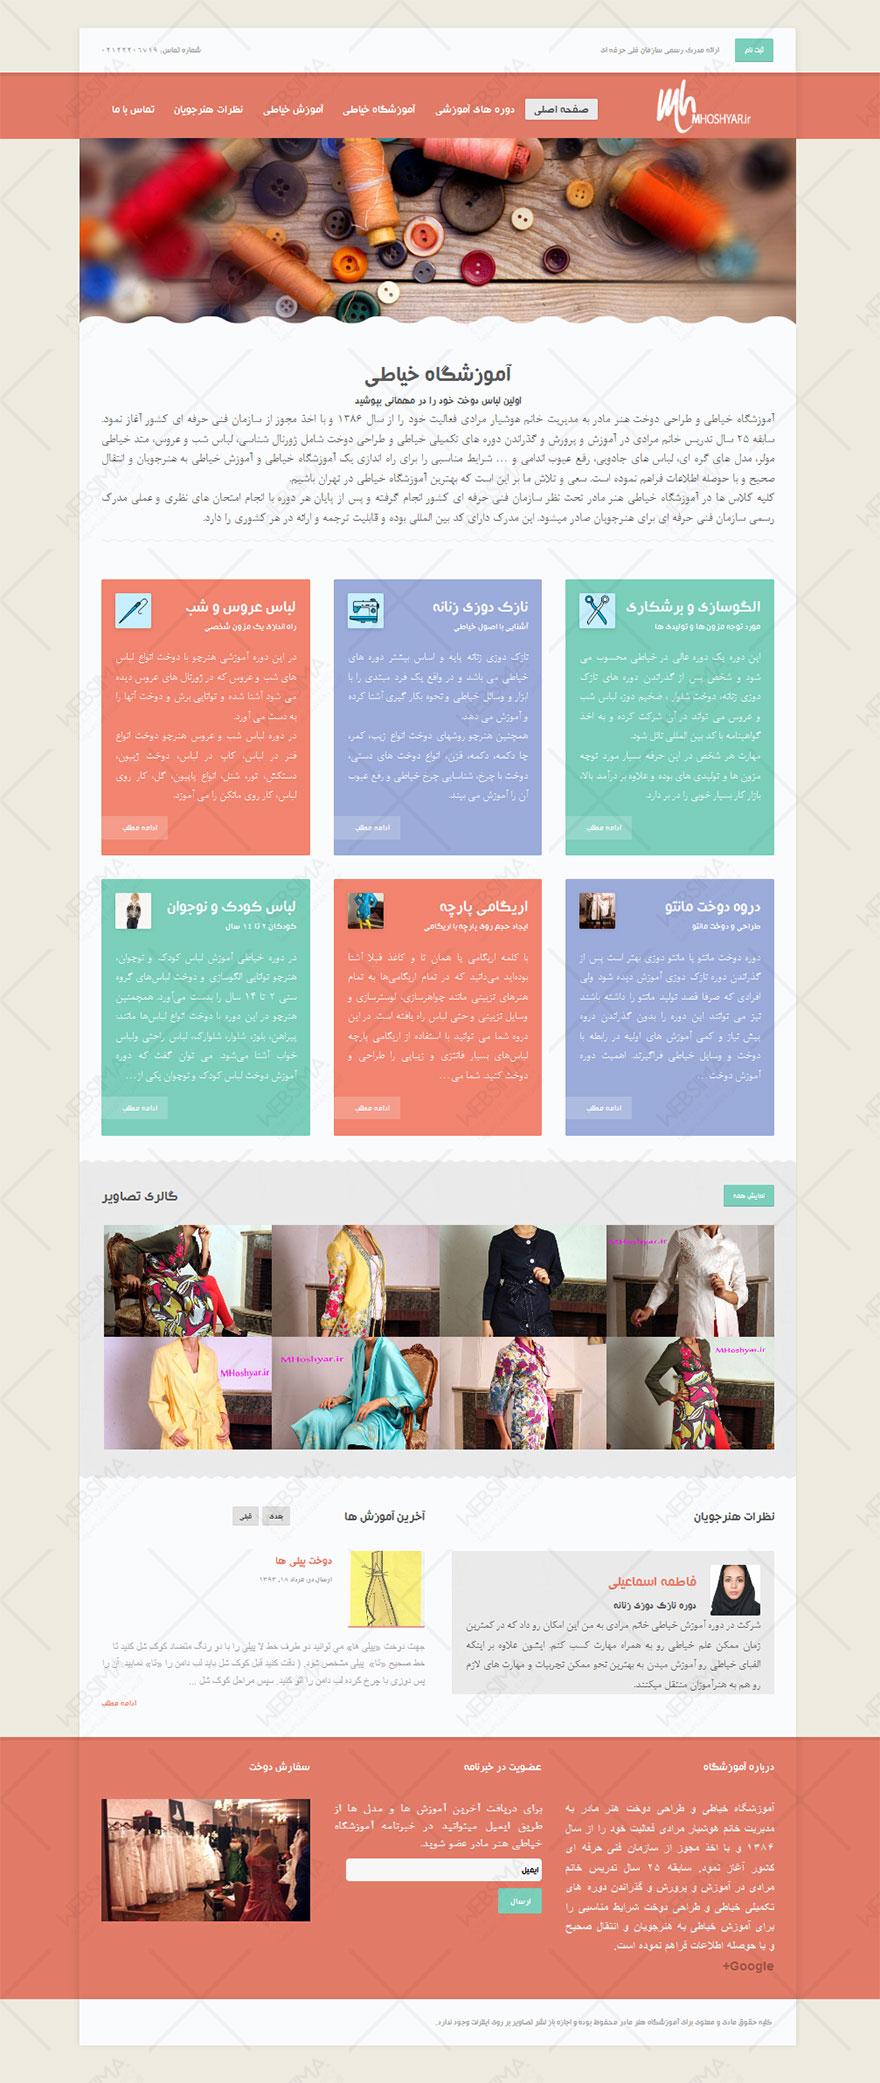 طراحی و سئو سایت آموزشگاه هنر مادر